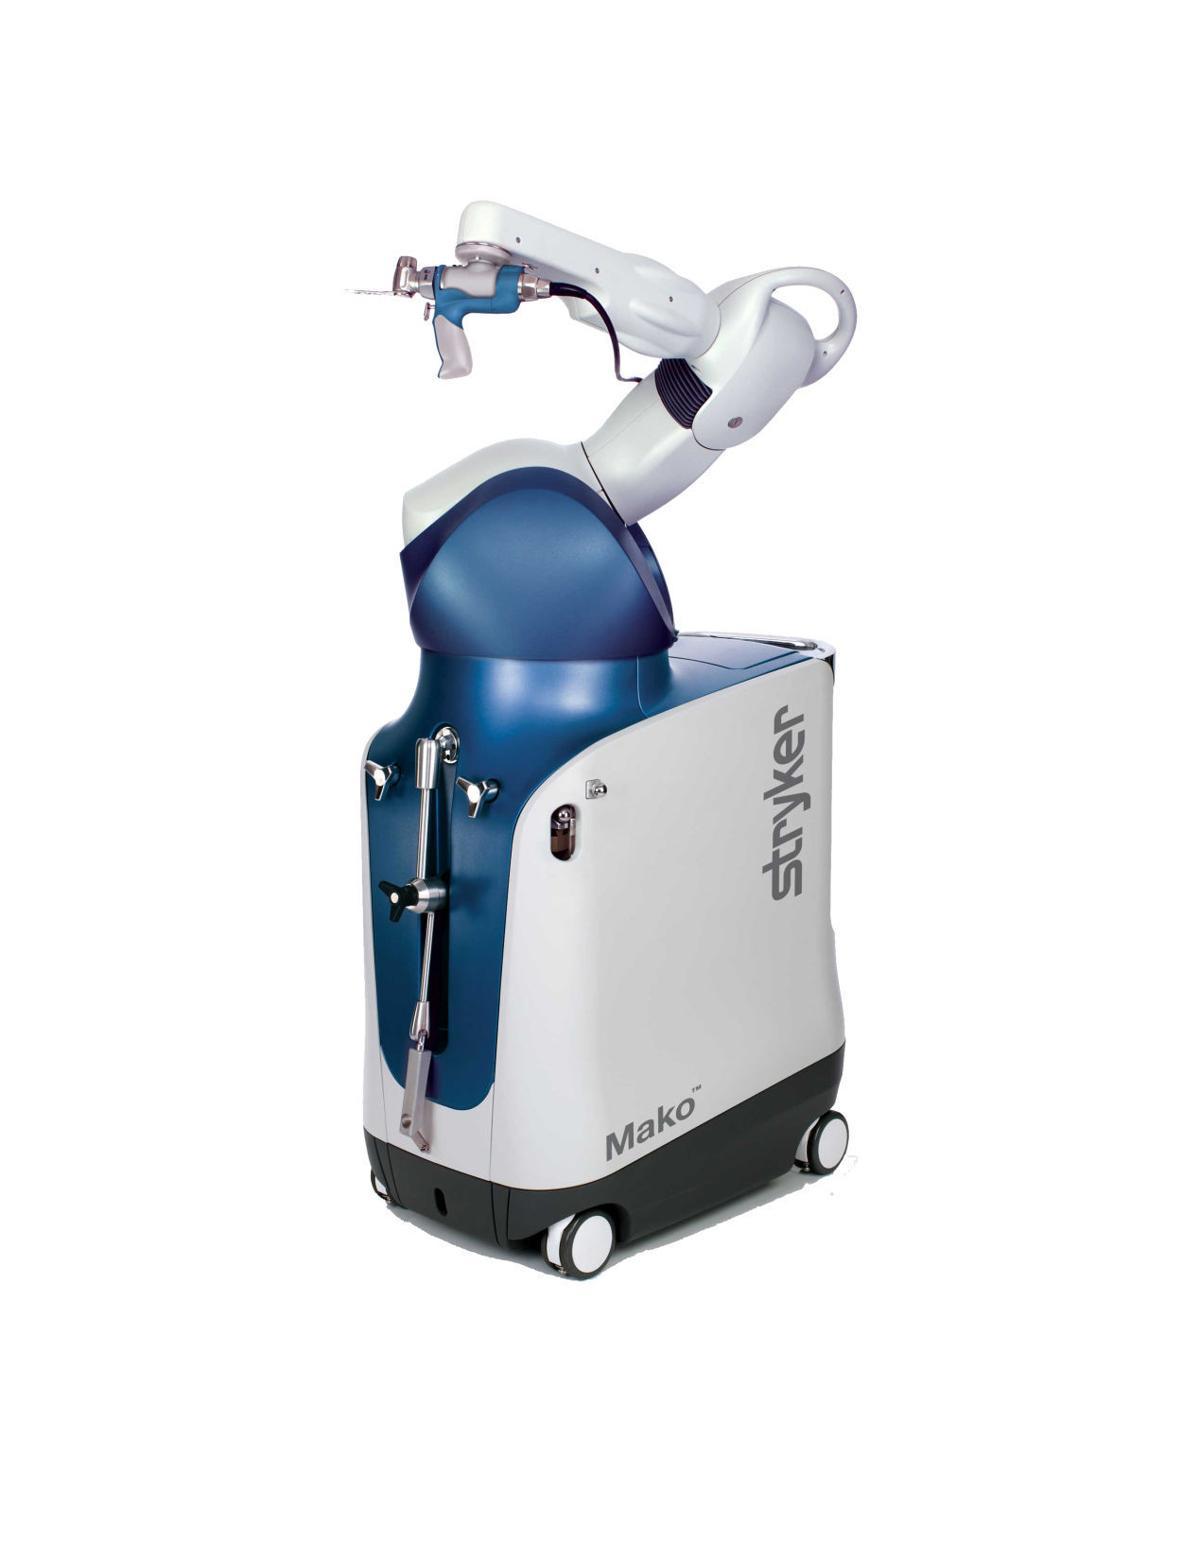 Robotic arm tech